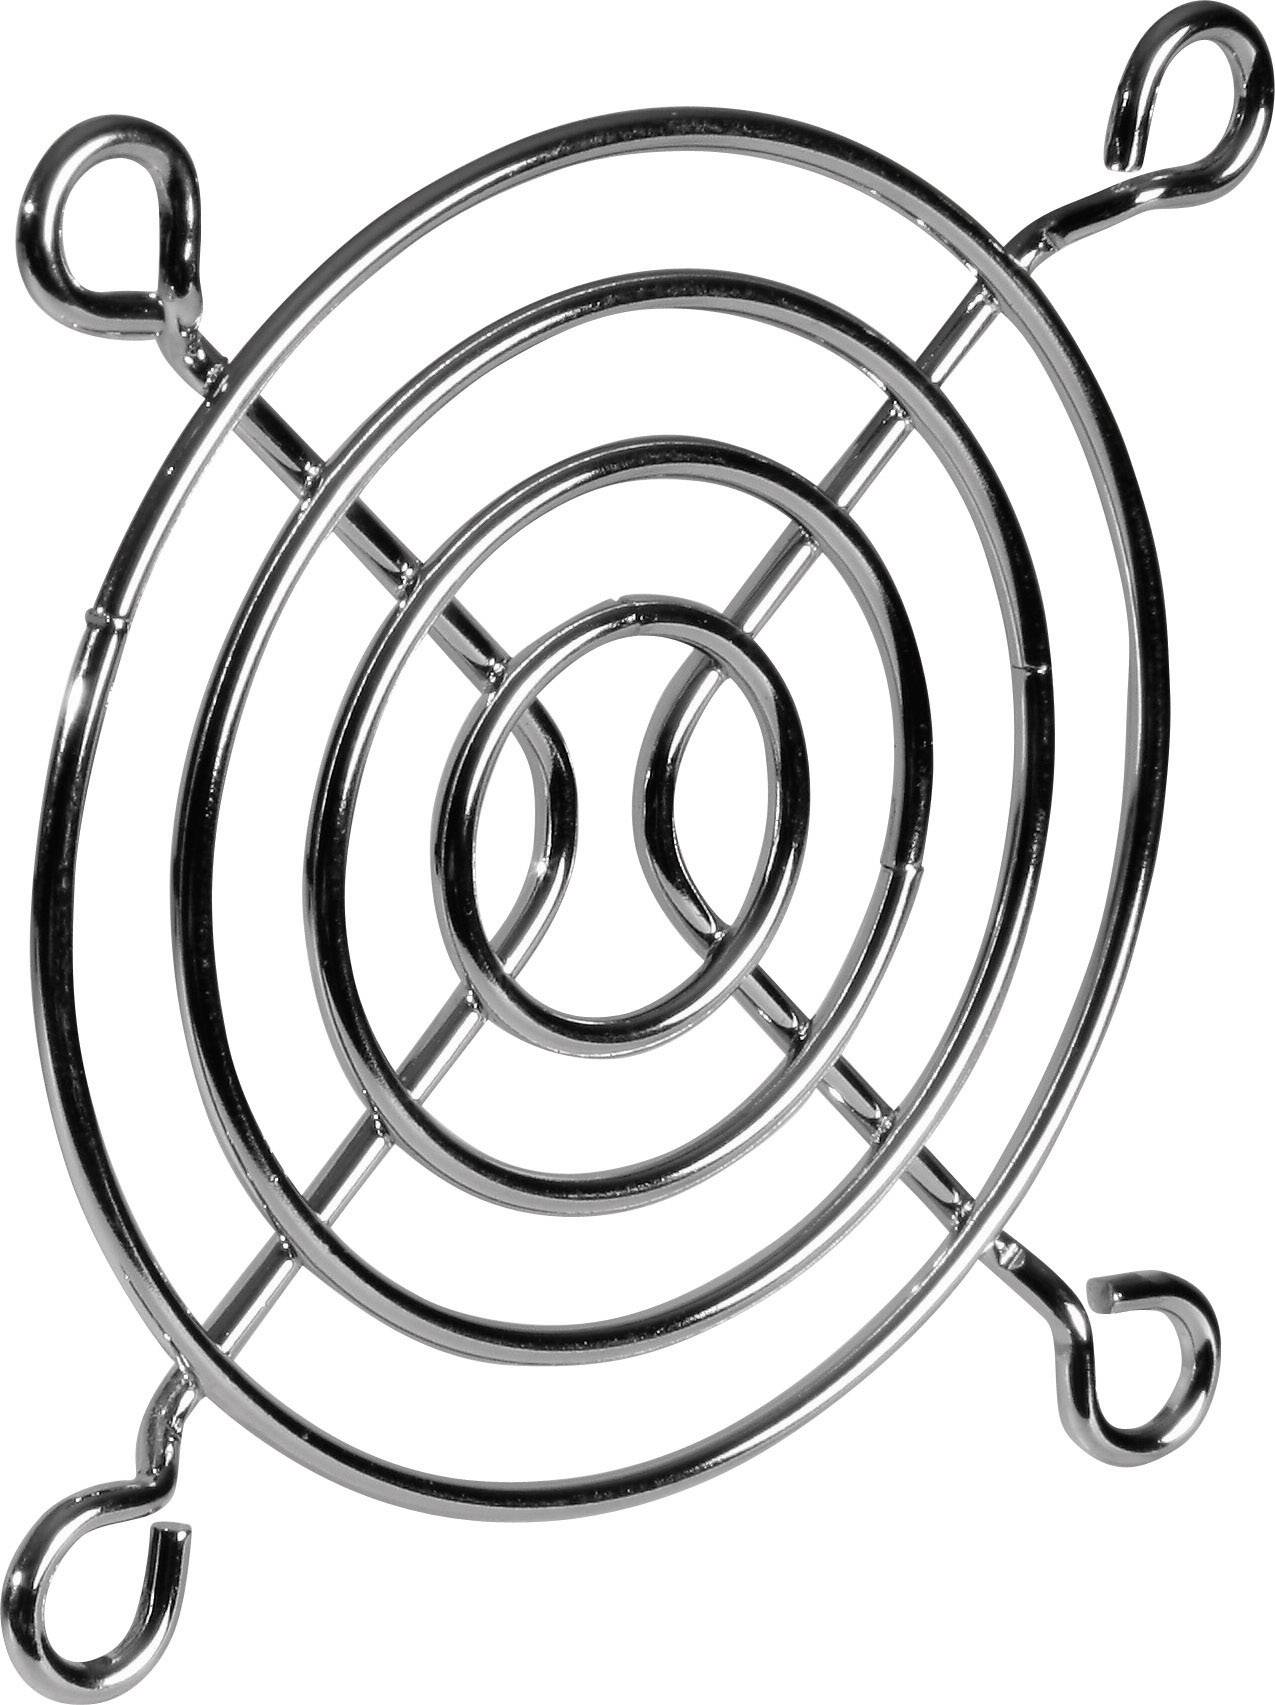 Ochranná mřížka ventilátoru SEPA FG40, 40 mm x 40 mm